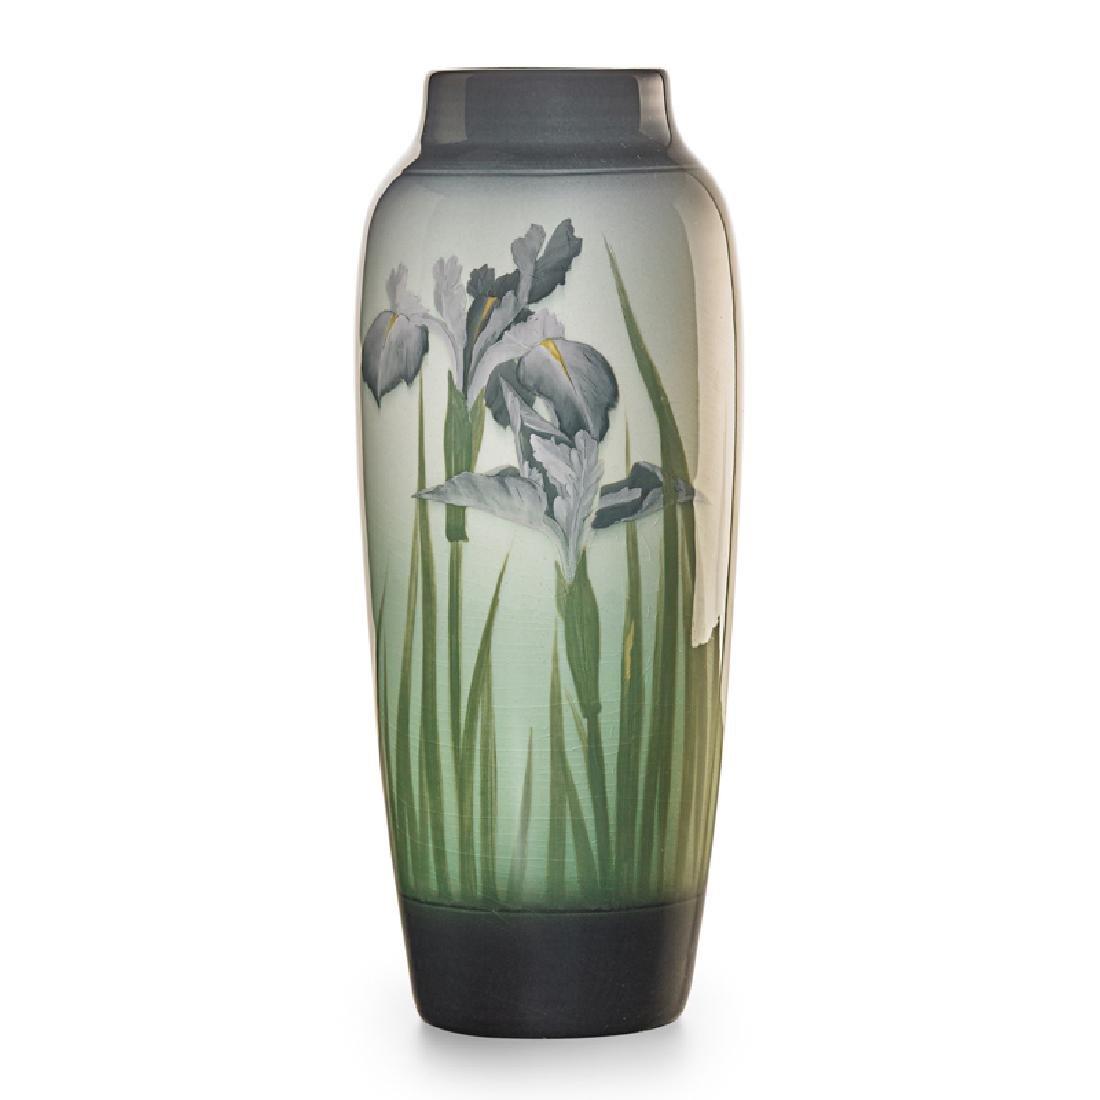 S. COYNE; ROOKWOOD Banded Iris Glaze vase